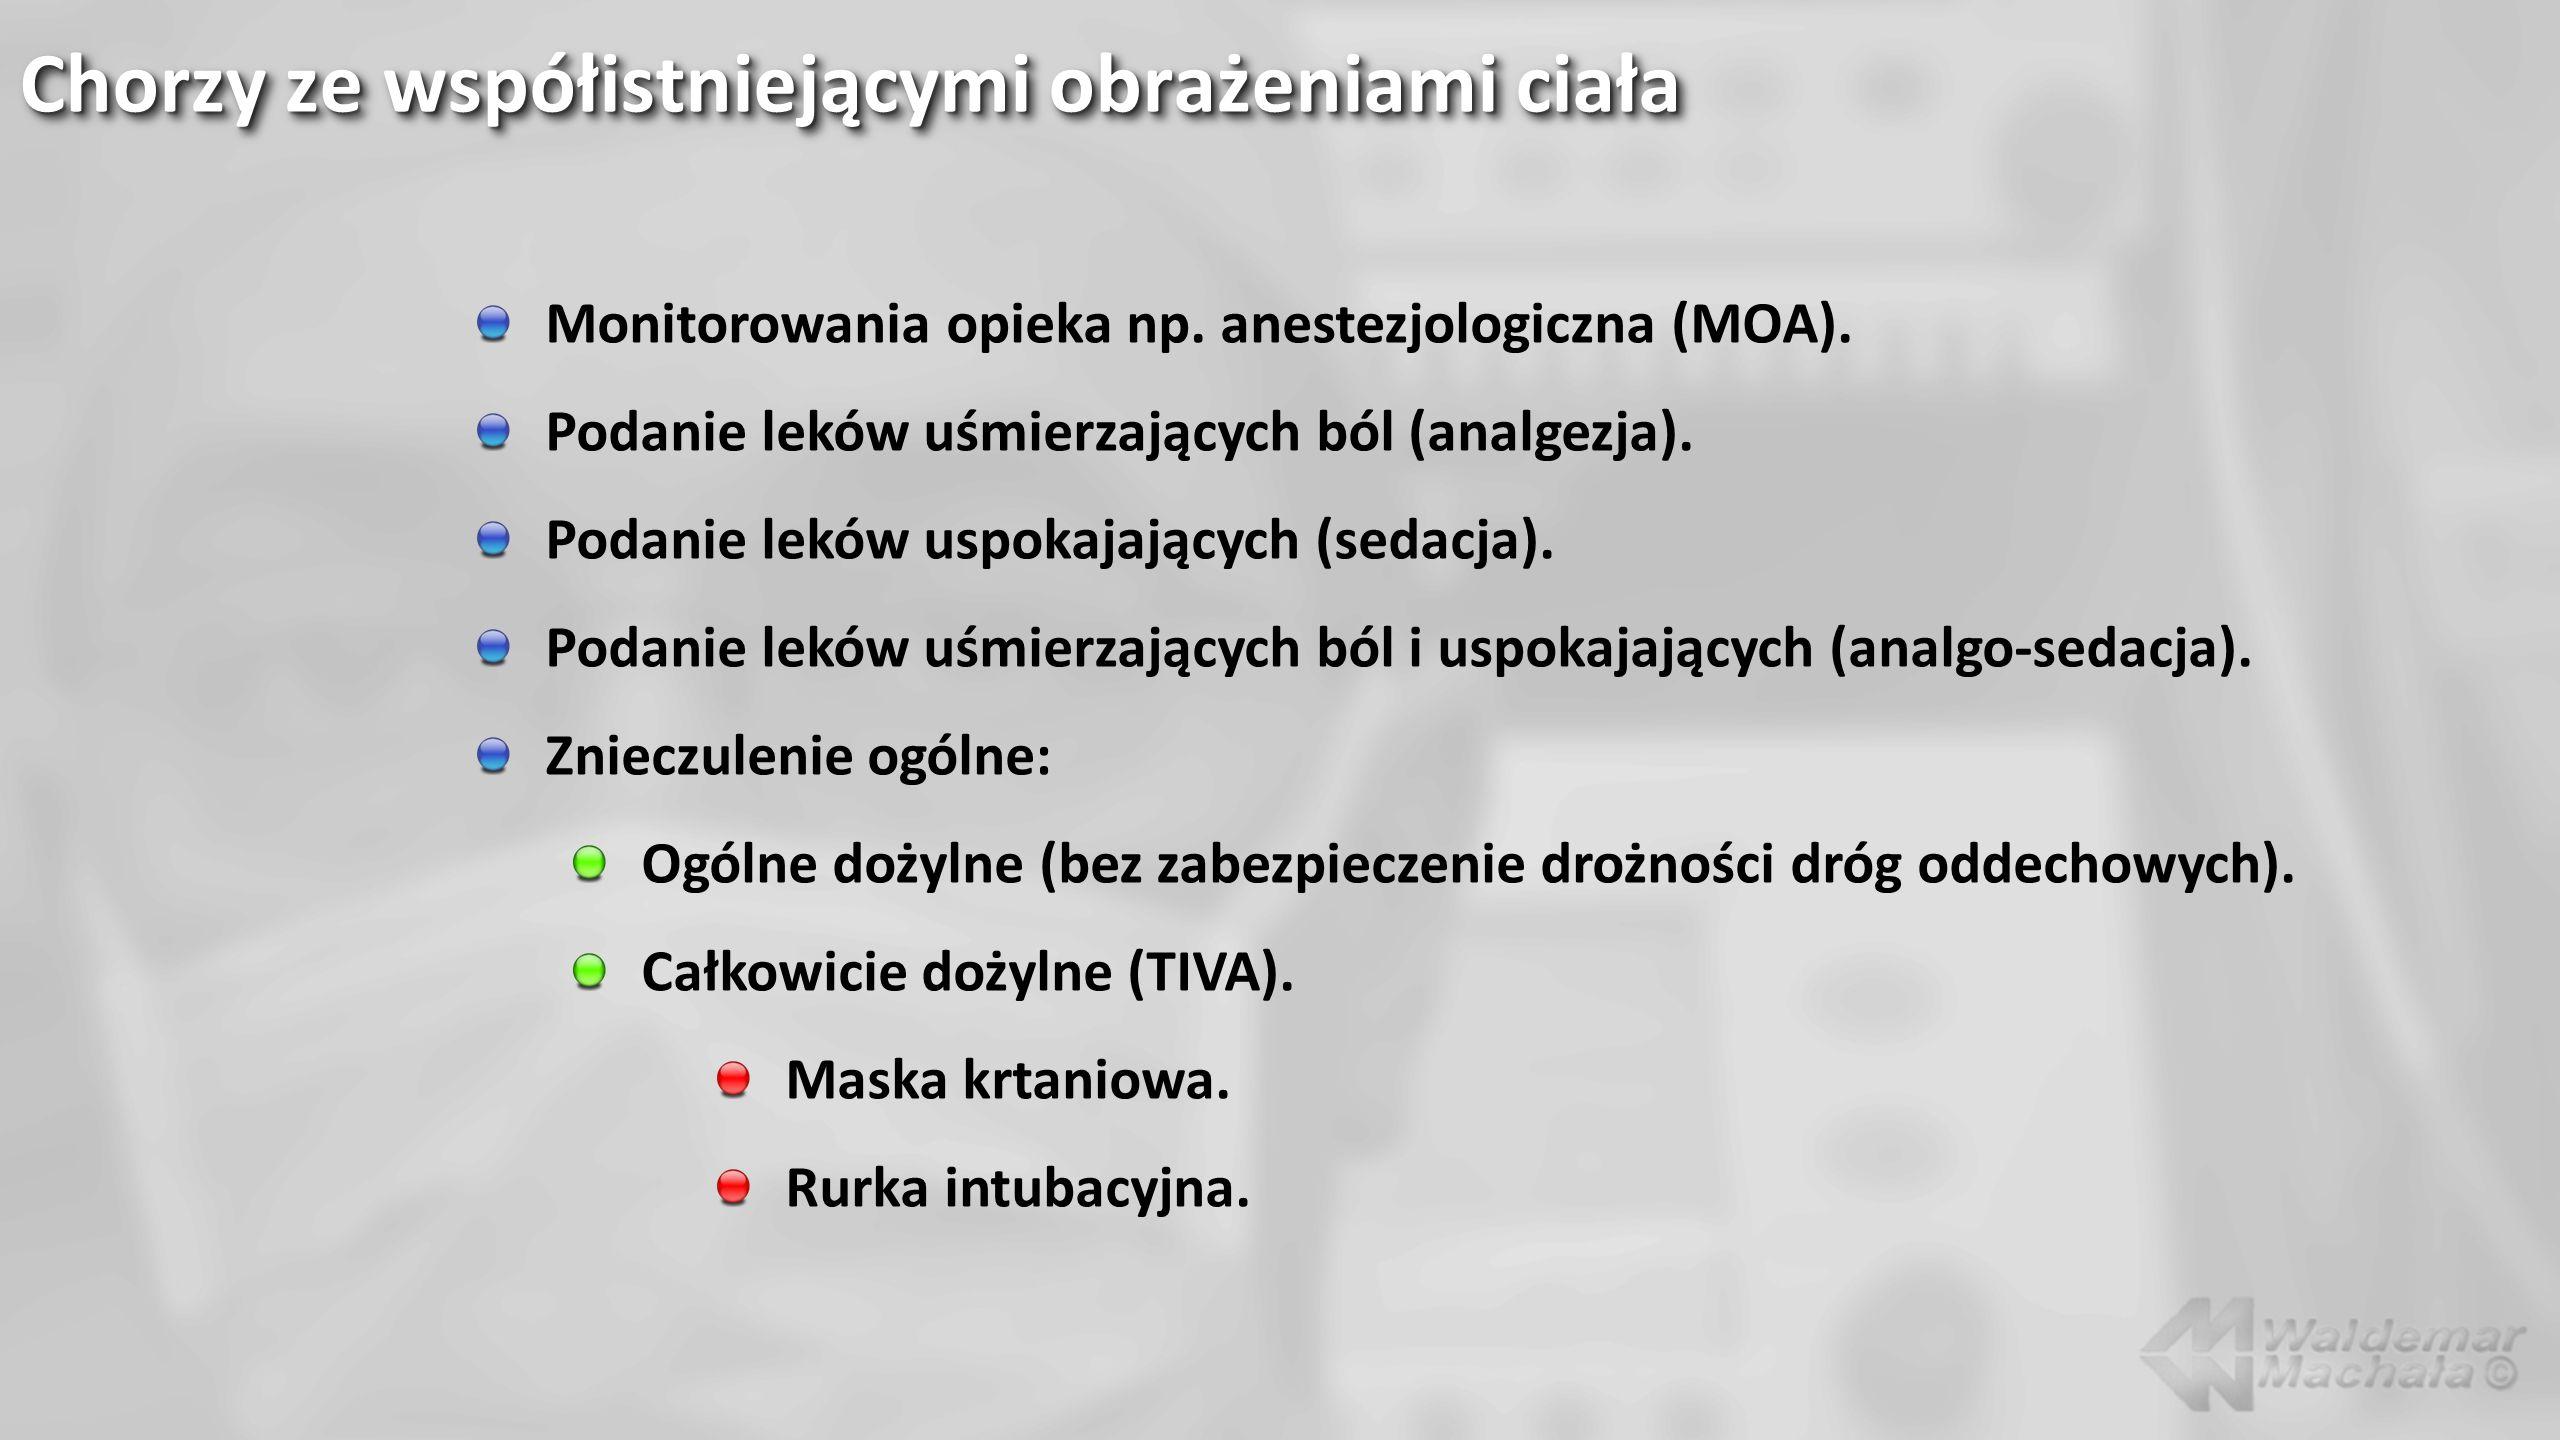 Propofol: Farmakokinetyka propofolu zależy od płci, masy ciała, chorób współistniejących, wieku i przyjmowanych leków.